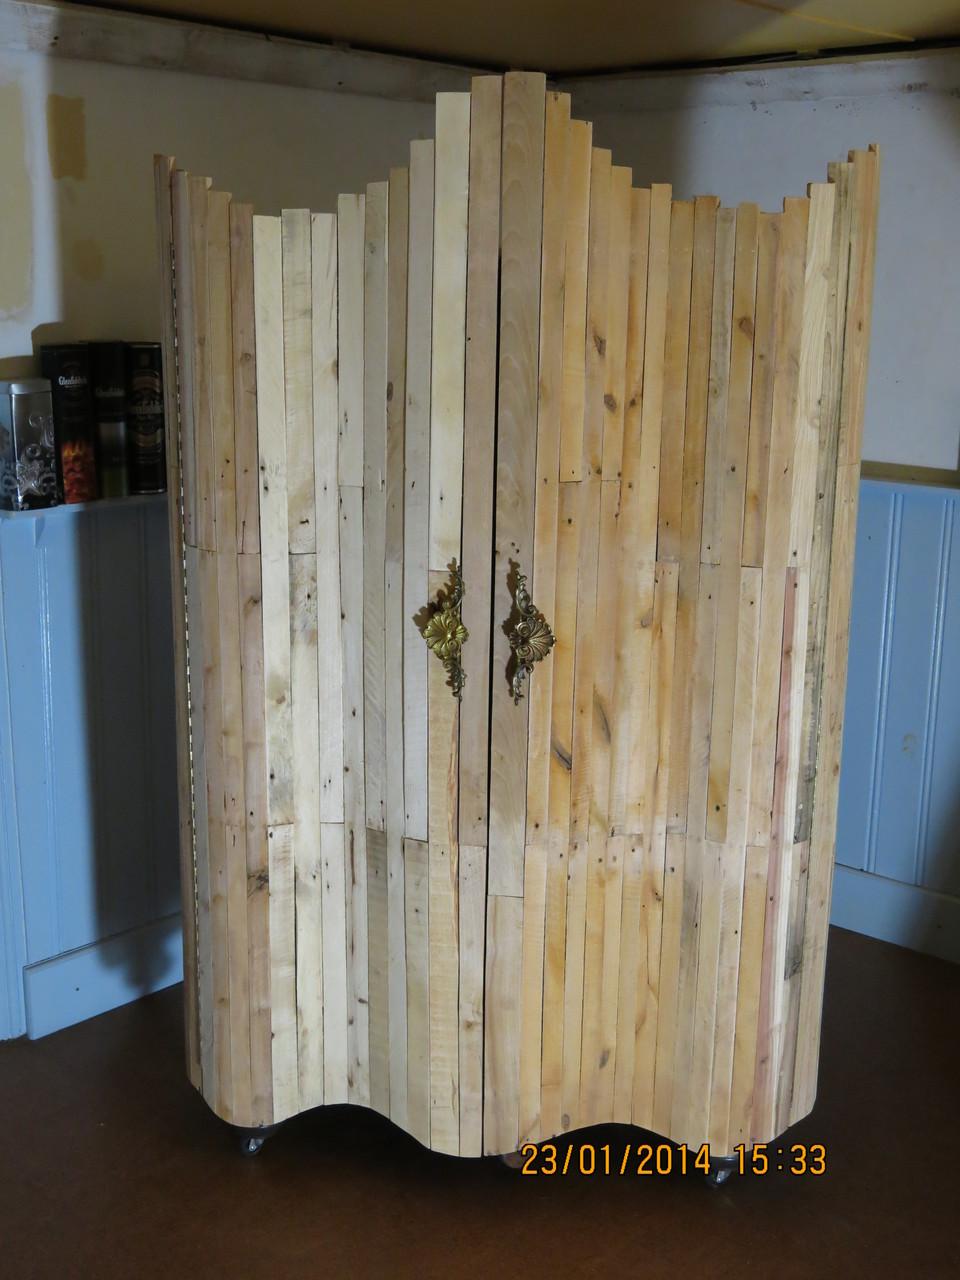 Gehackte Ikea kast met pallethout